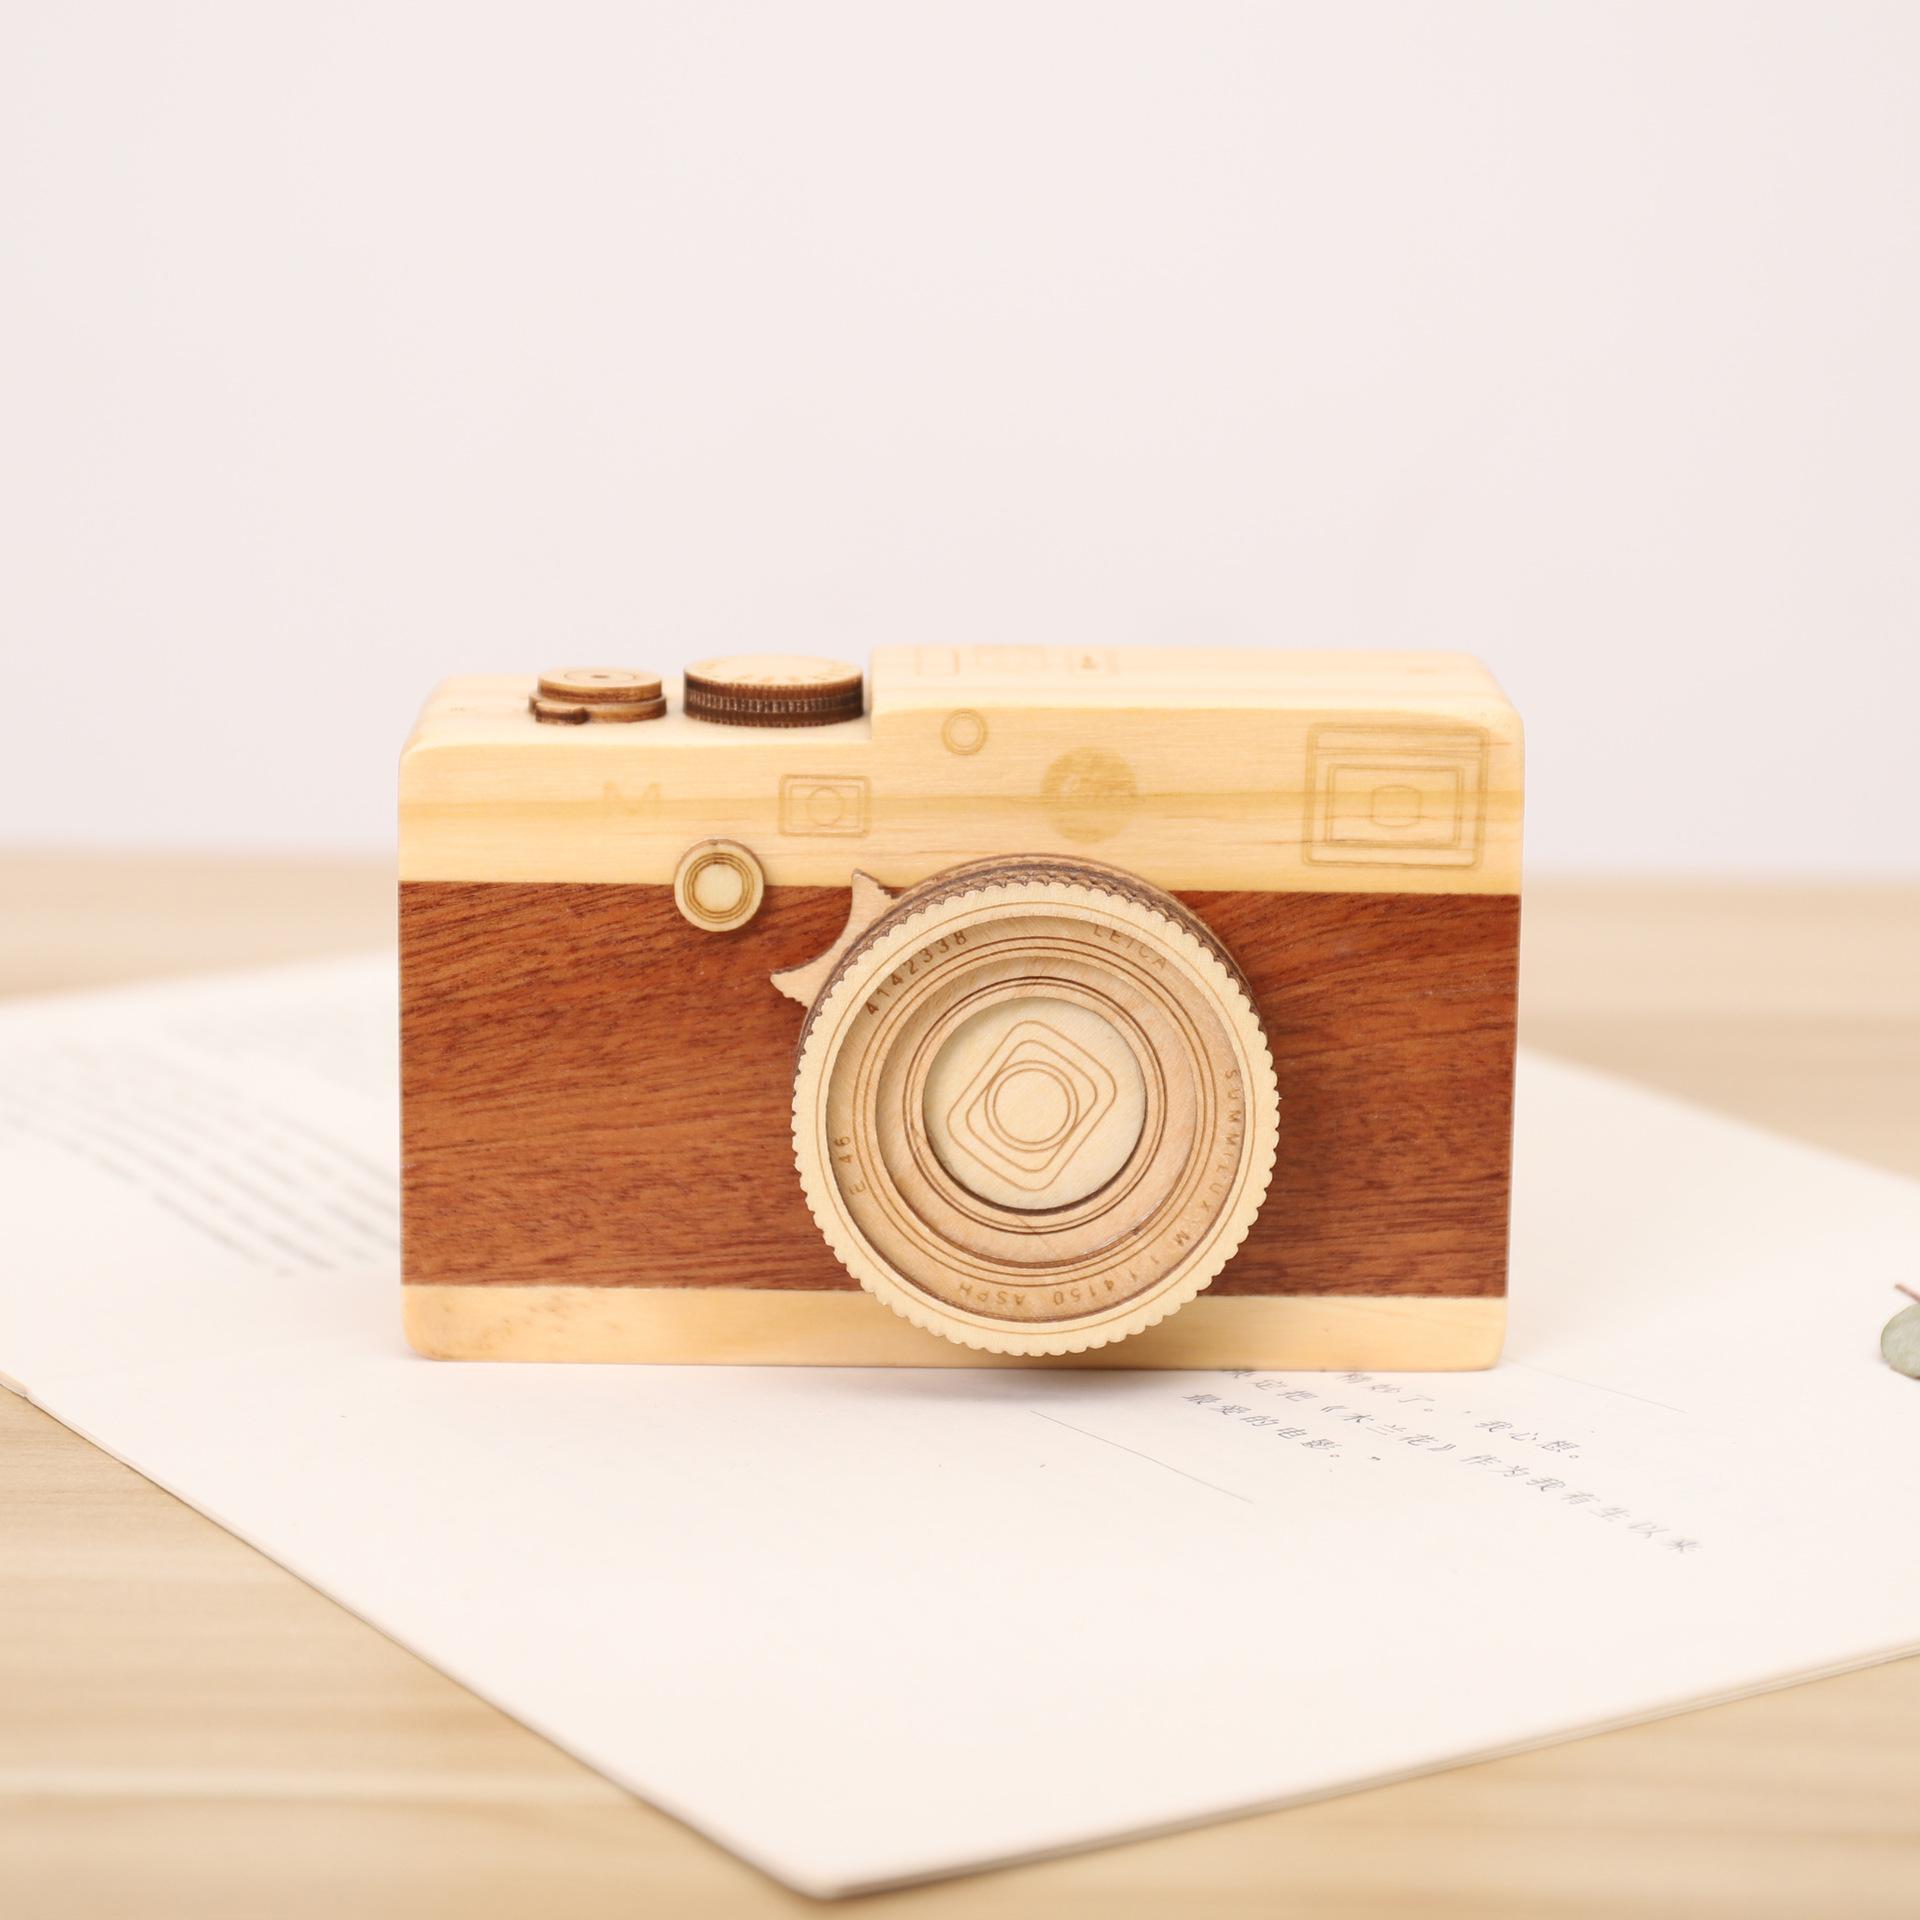 Modèles de caméra en bois Music Box Caméra Creative Retro Music Box Music Box cadeau d'anniversaire